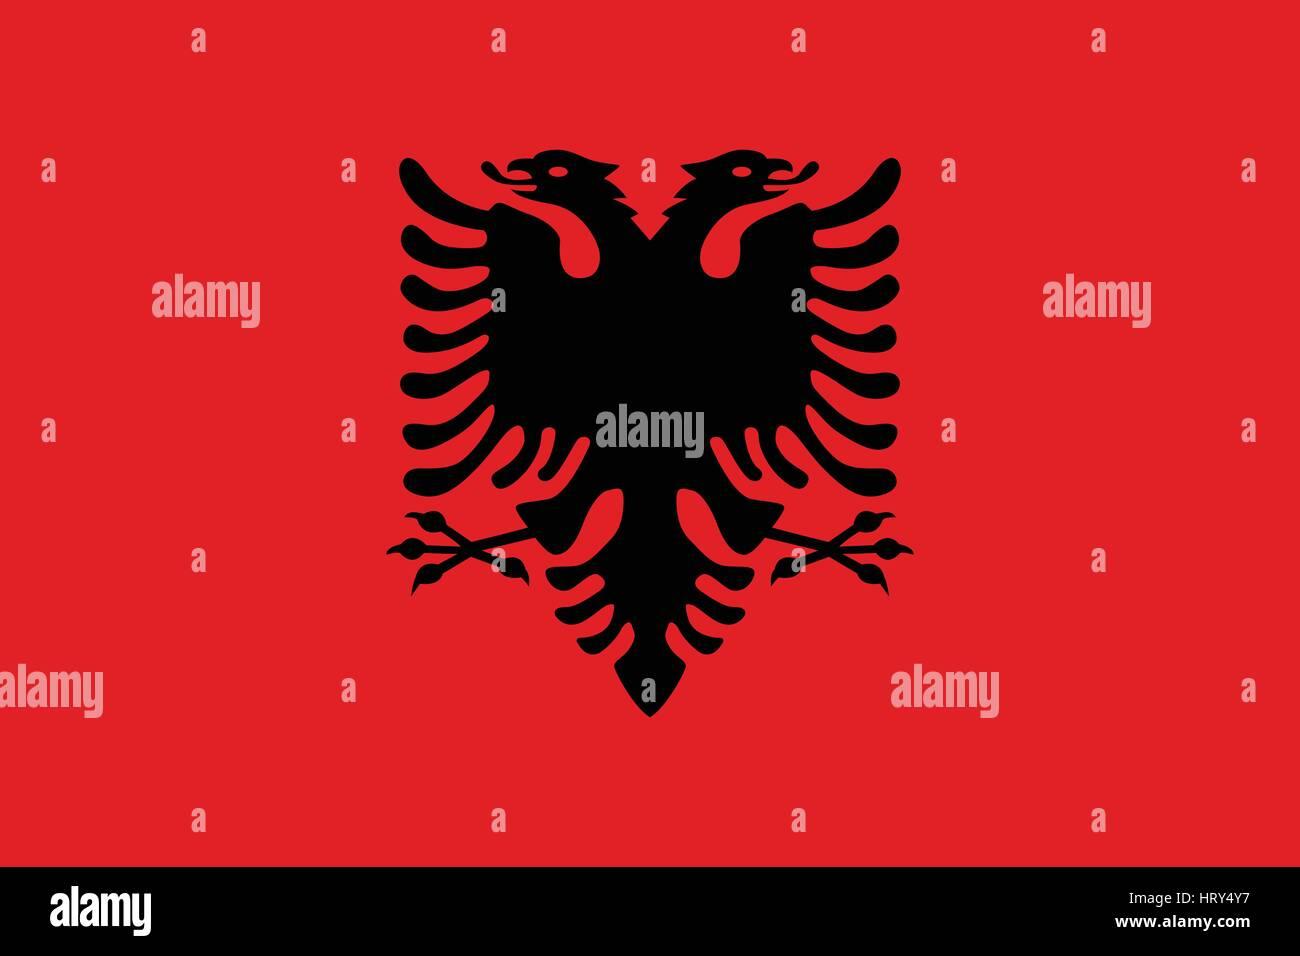 Official vector flag of Albania - Stock Vector